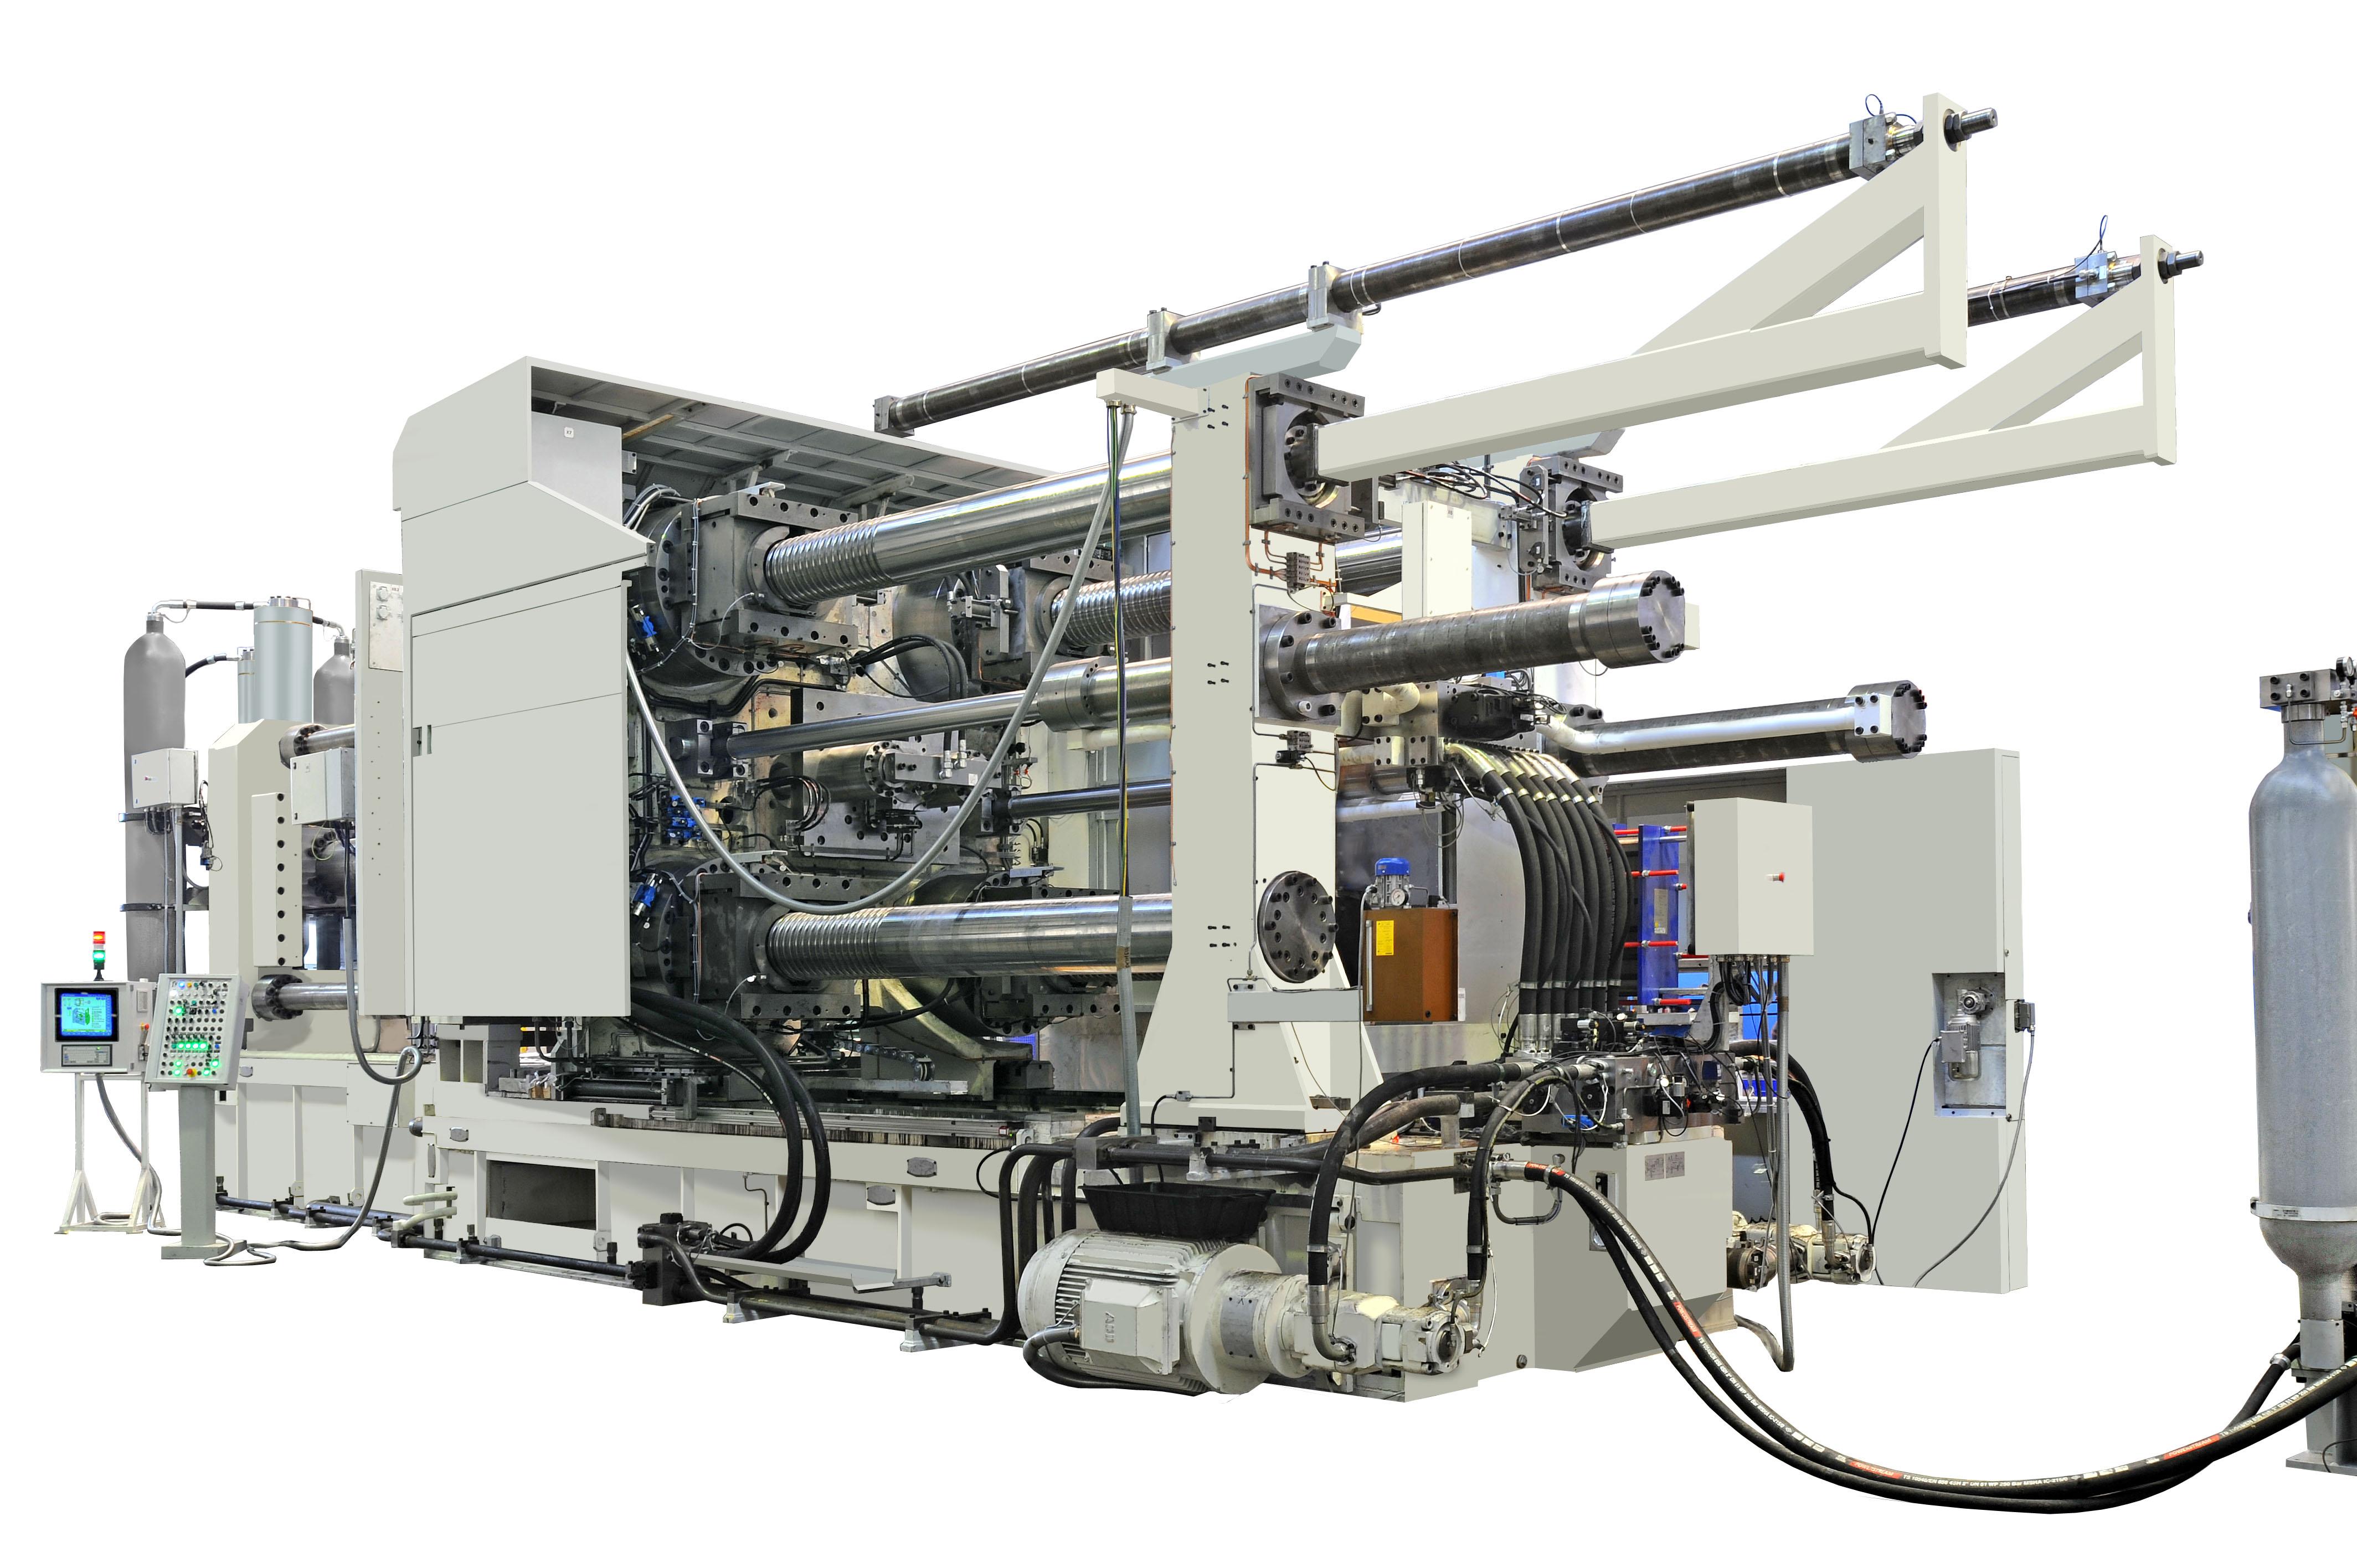 Bild 1: Maschine der Serie TF, mit 2 Platten, ohne Kniehebel (Italpresse Industrie S.p.A.)